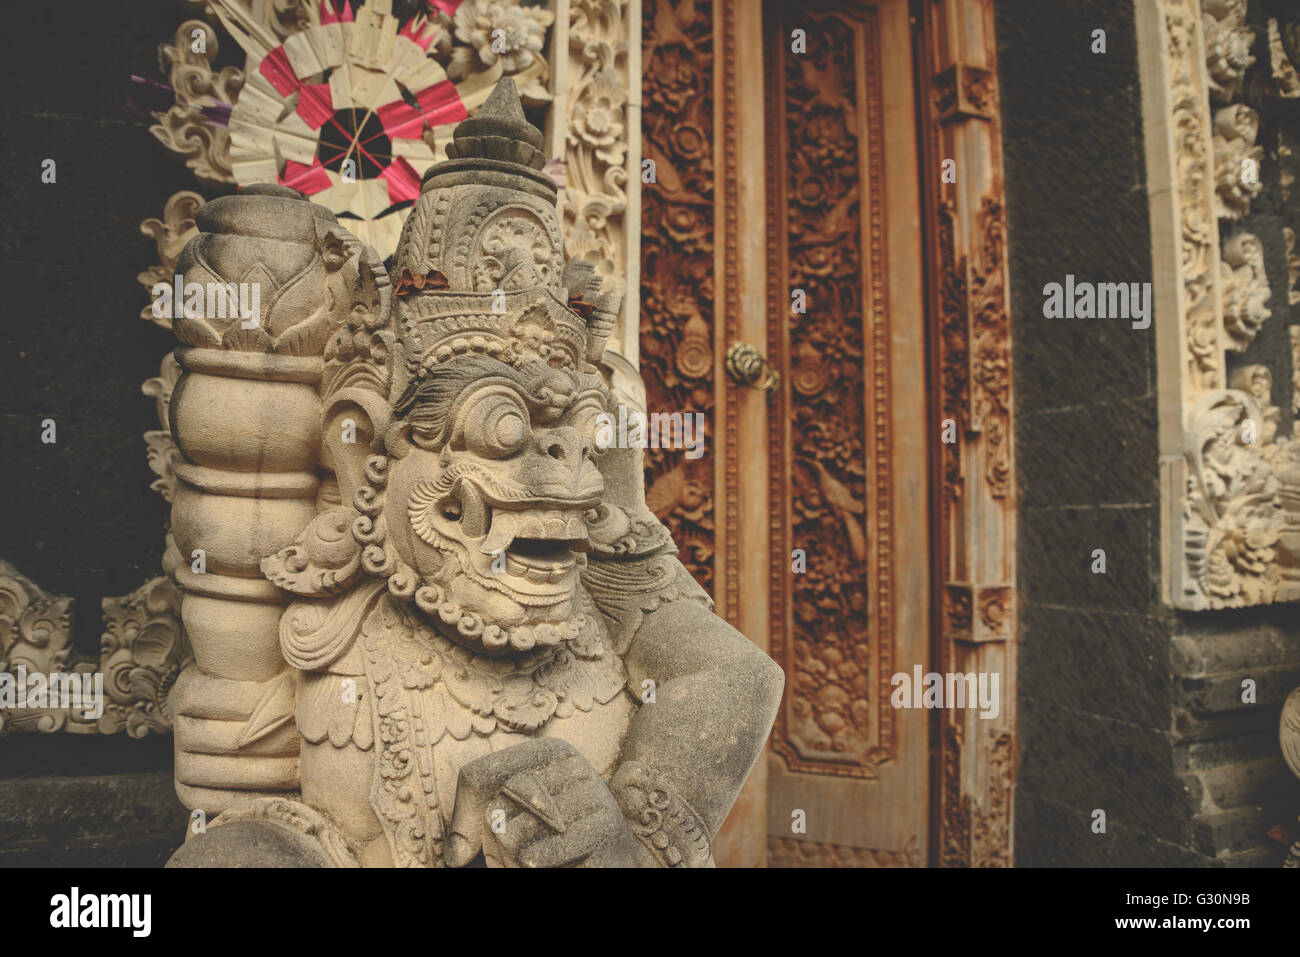 Temple doorway in Ubud, Bali - Stock Image